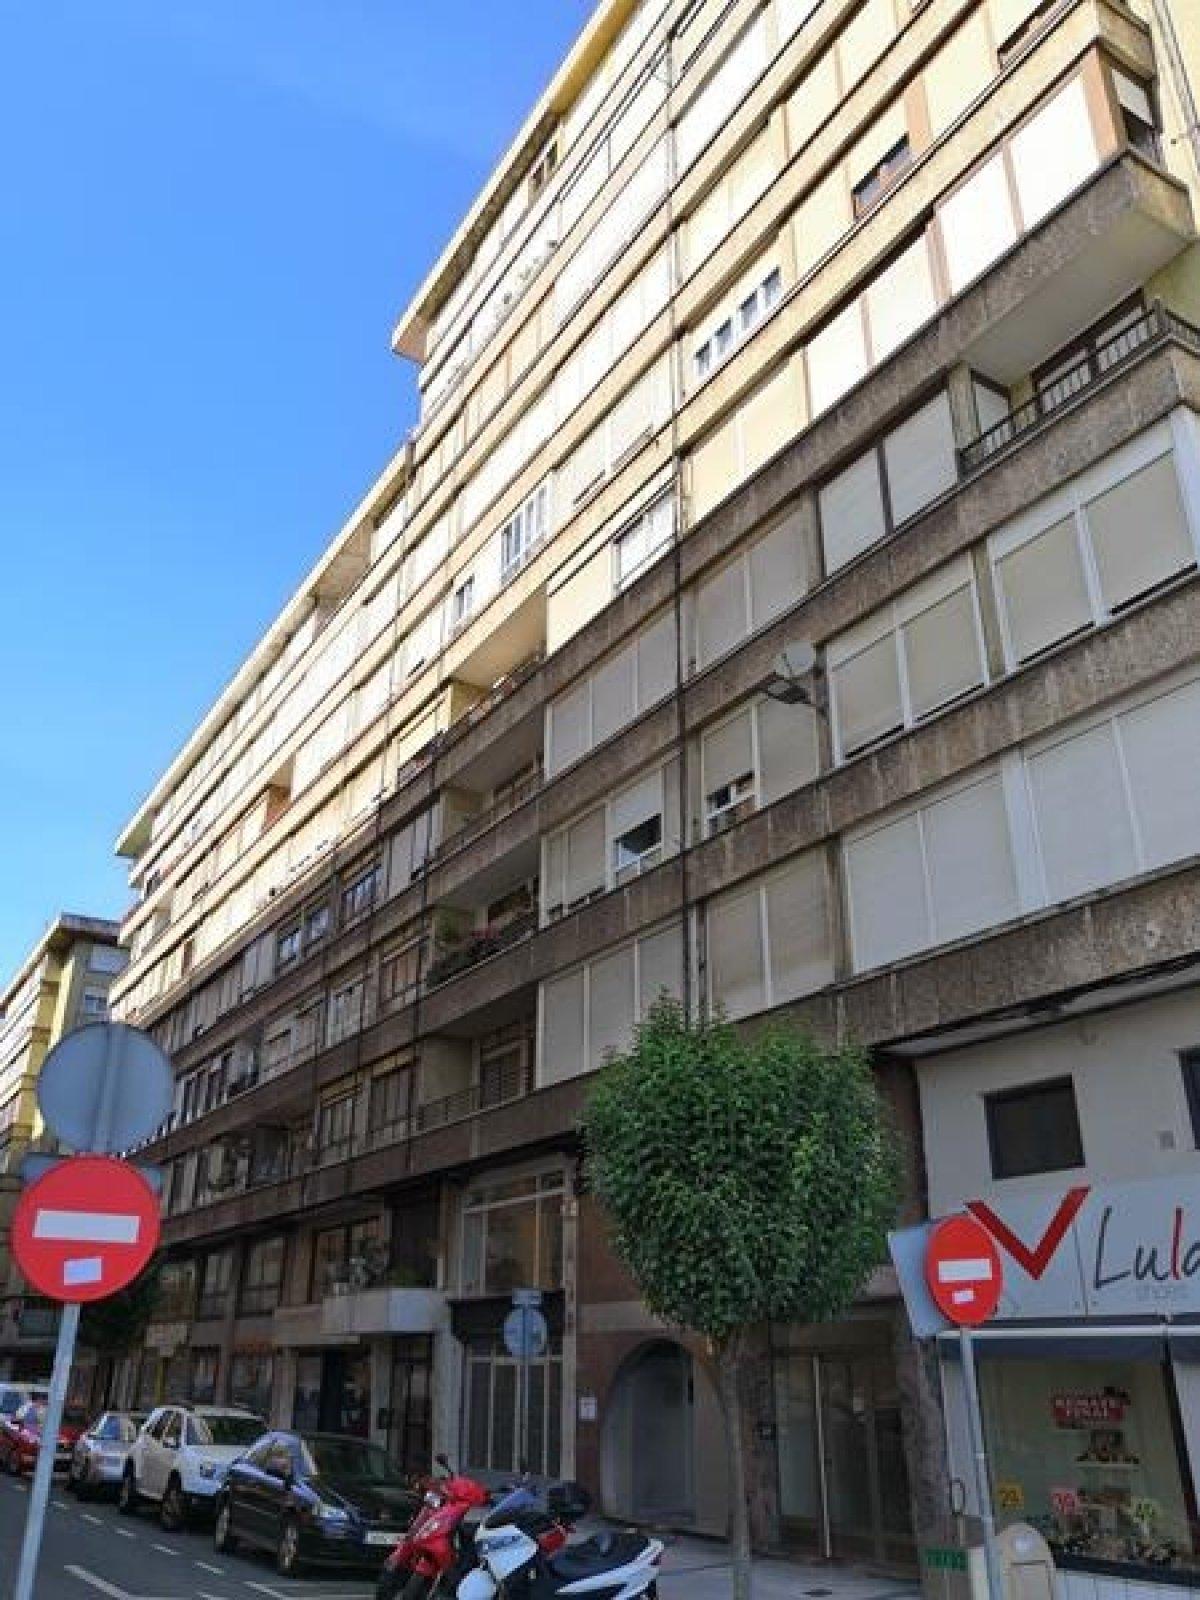 Piso en venta en Santander  de 3 Habitaciones, 1 Baño y 70 m2 por 89.000 €.